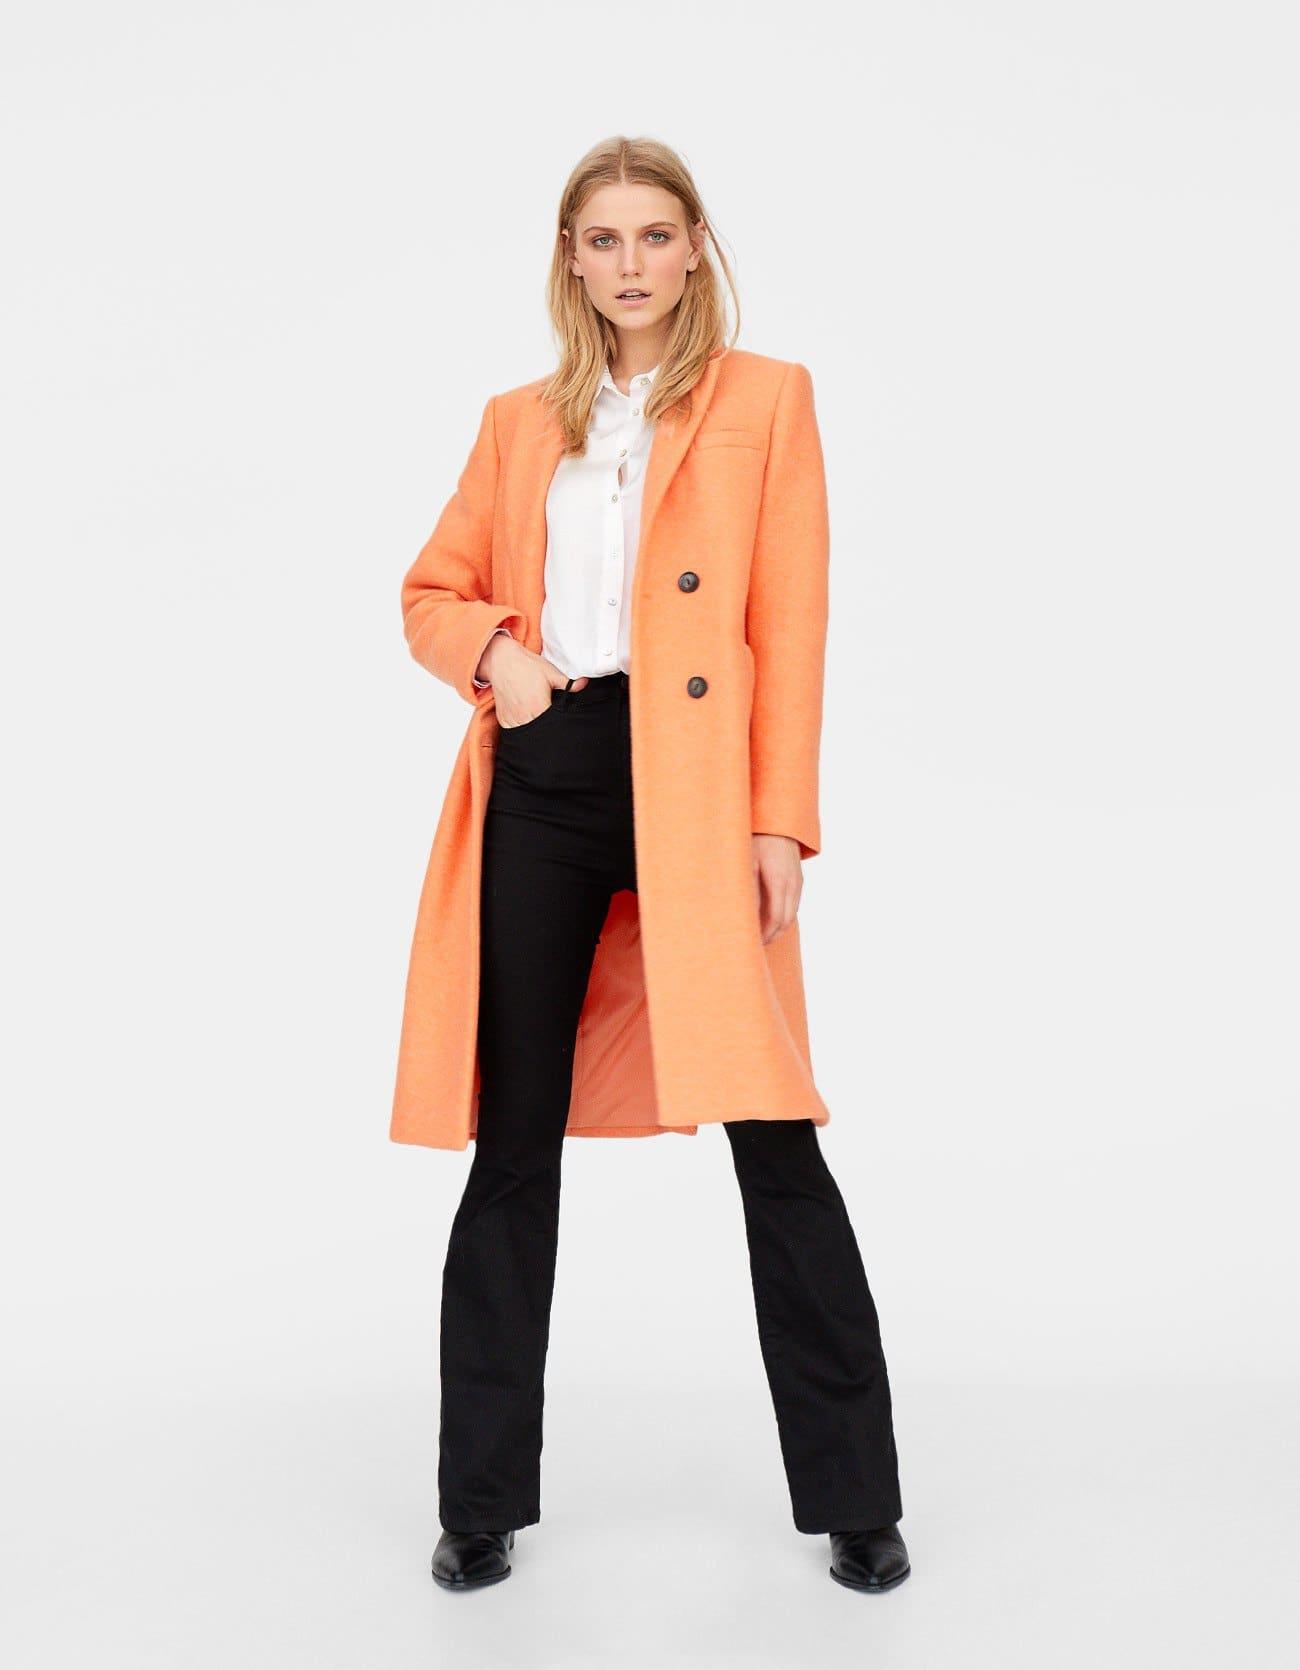 Cappotto lungo arancione sorbetto Stradivarius a 55,99 euro